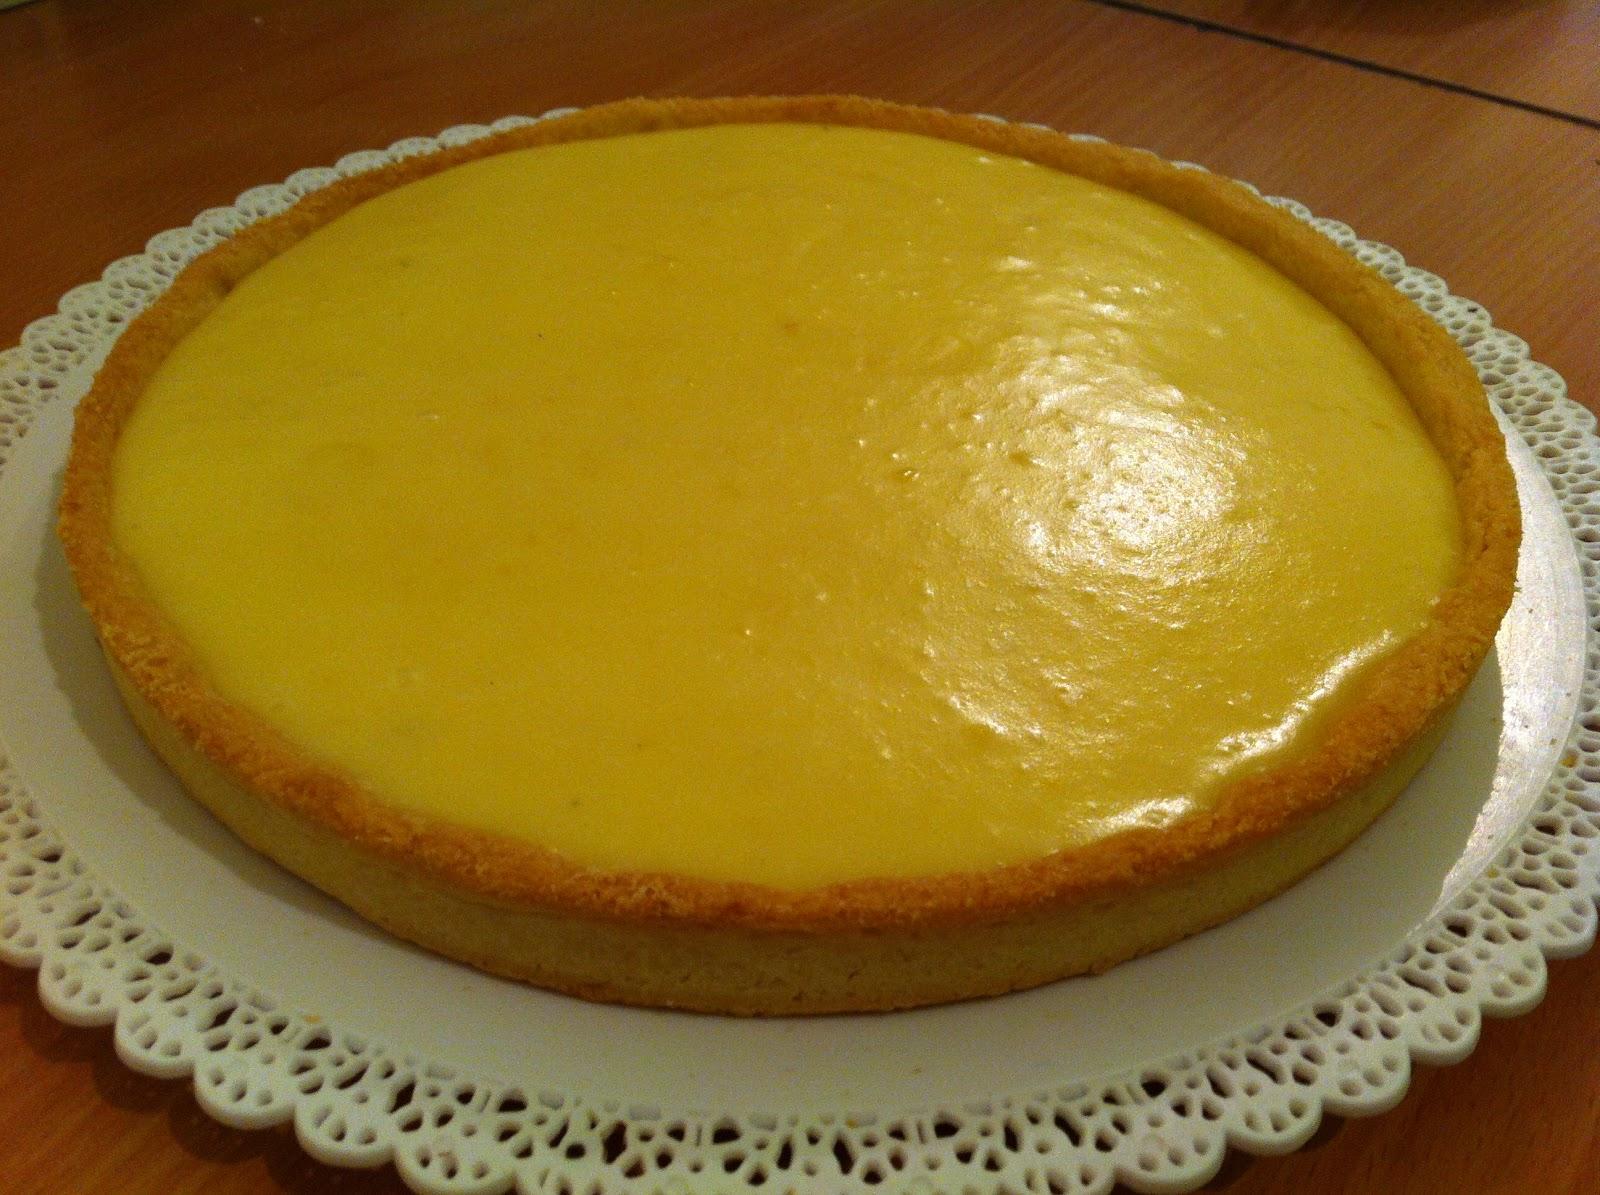 Lauryeva tarte au citron meringu e recette cap - Recette tarte citron meringuee ...